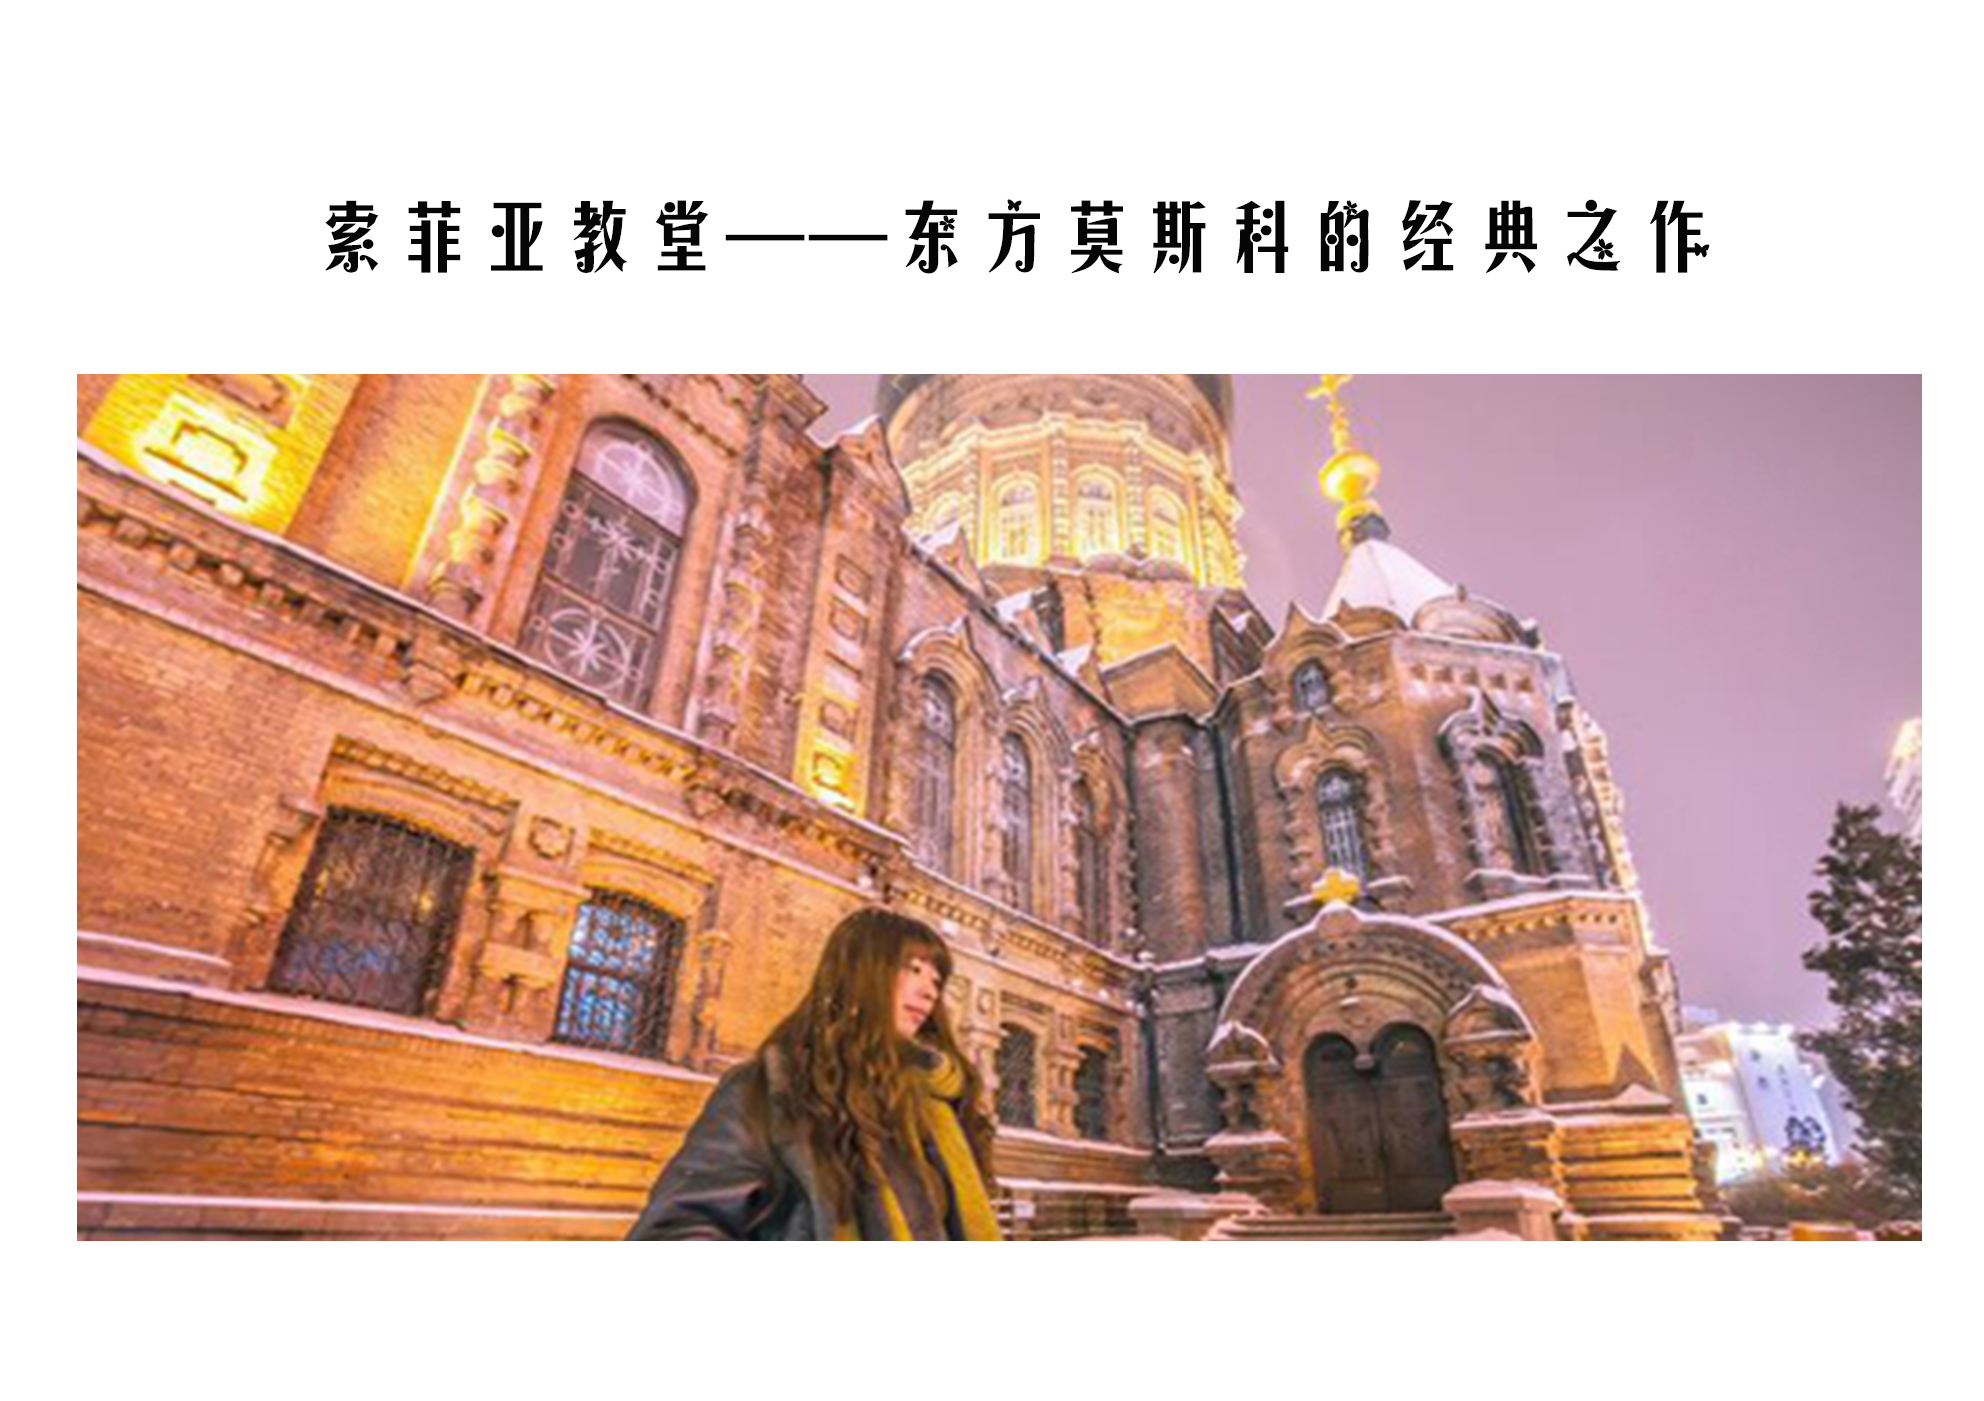 04/老道外中华巴洛克建筑群